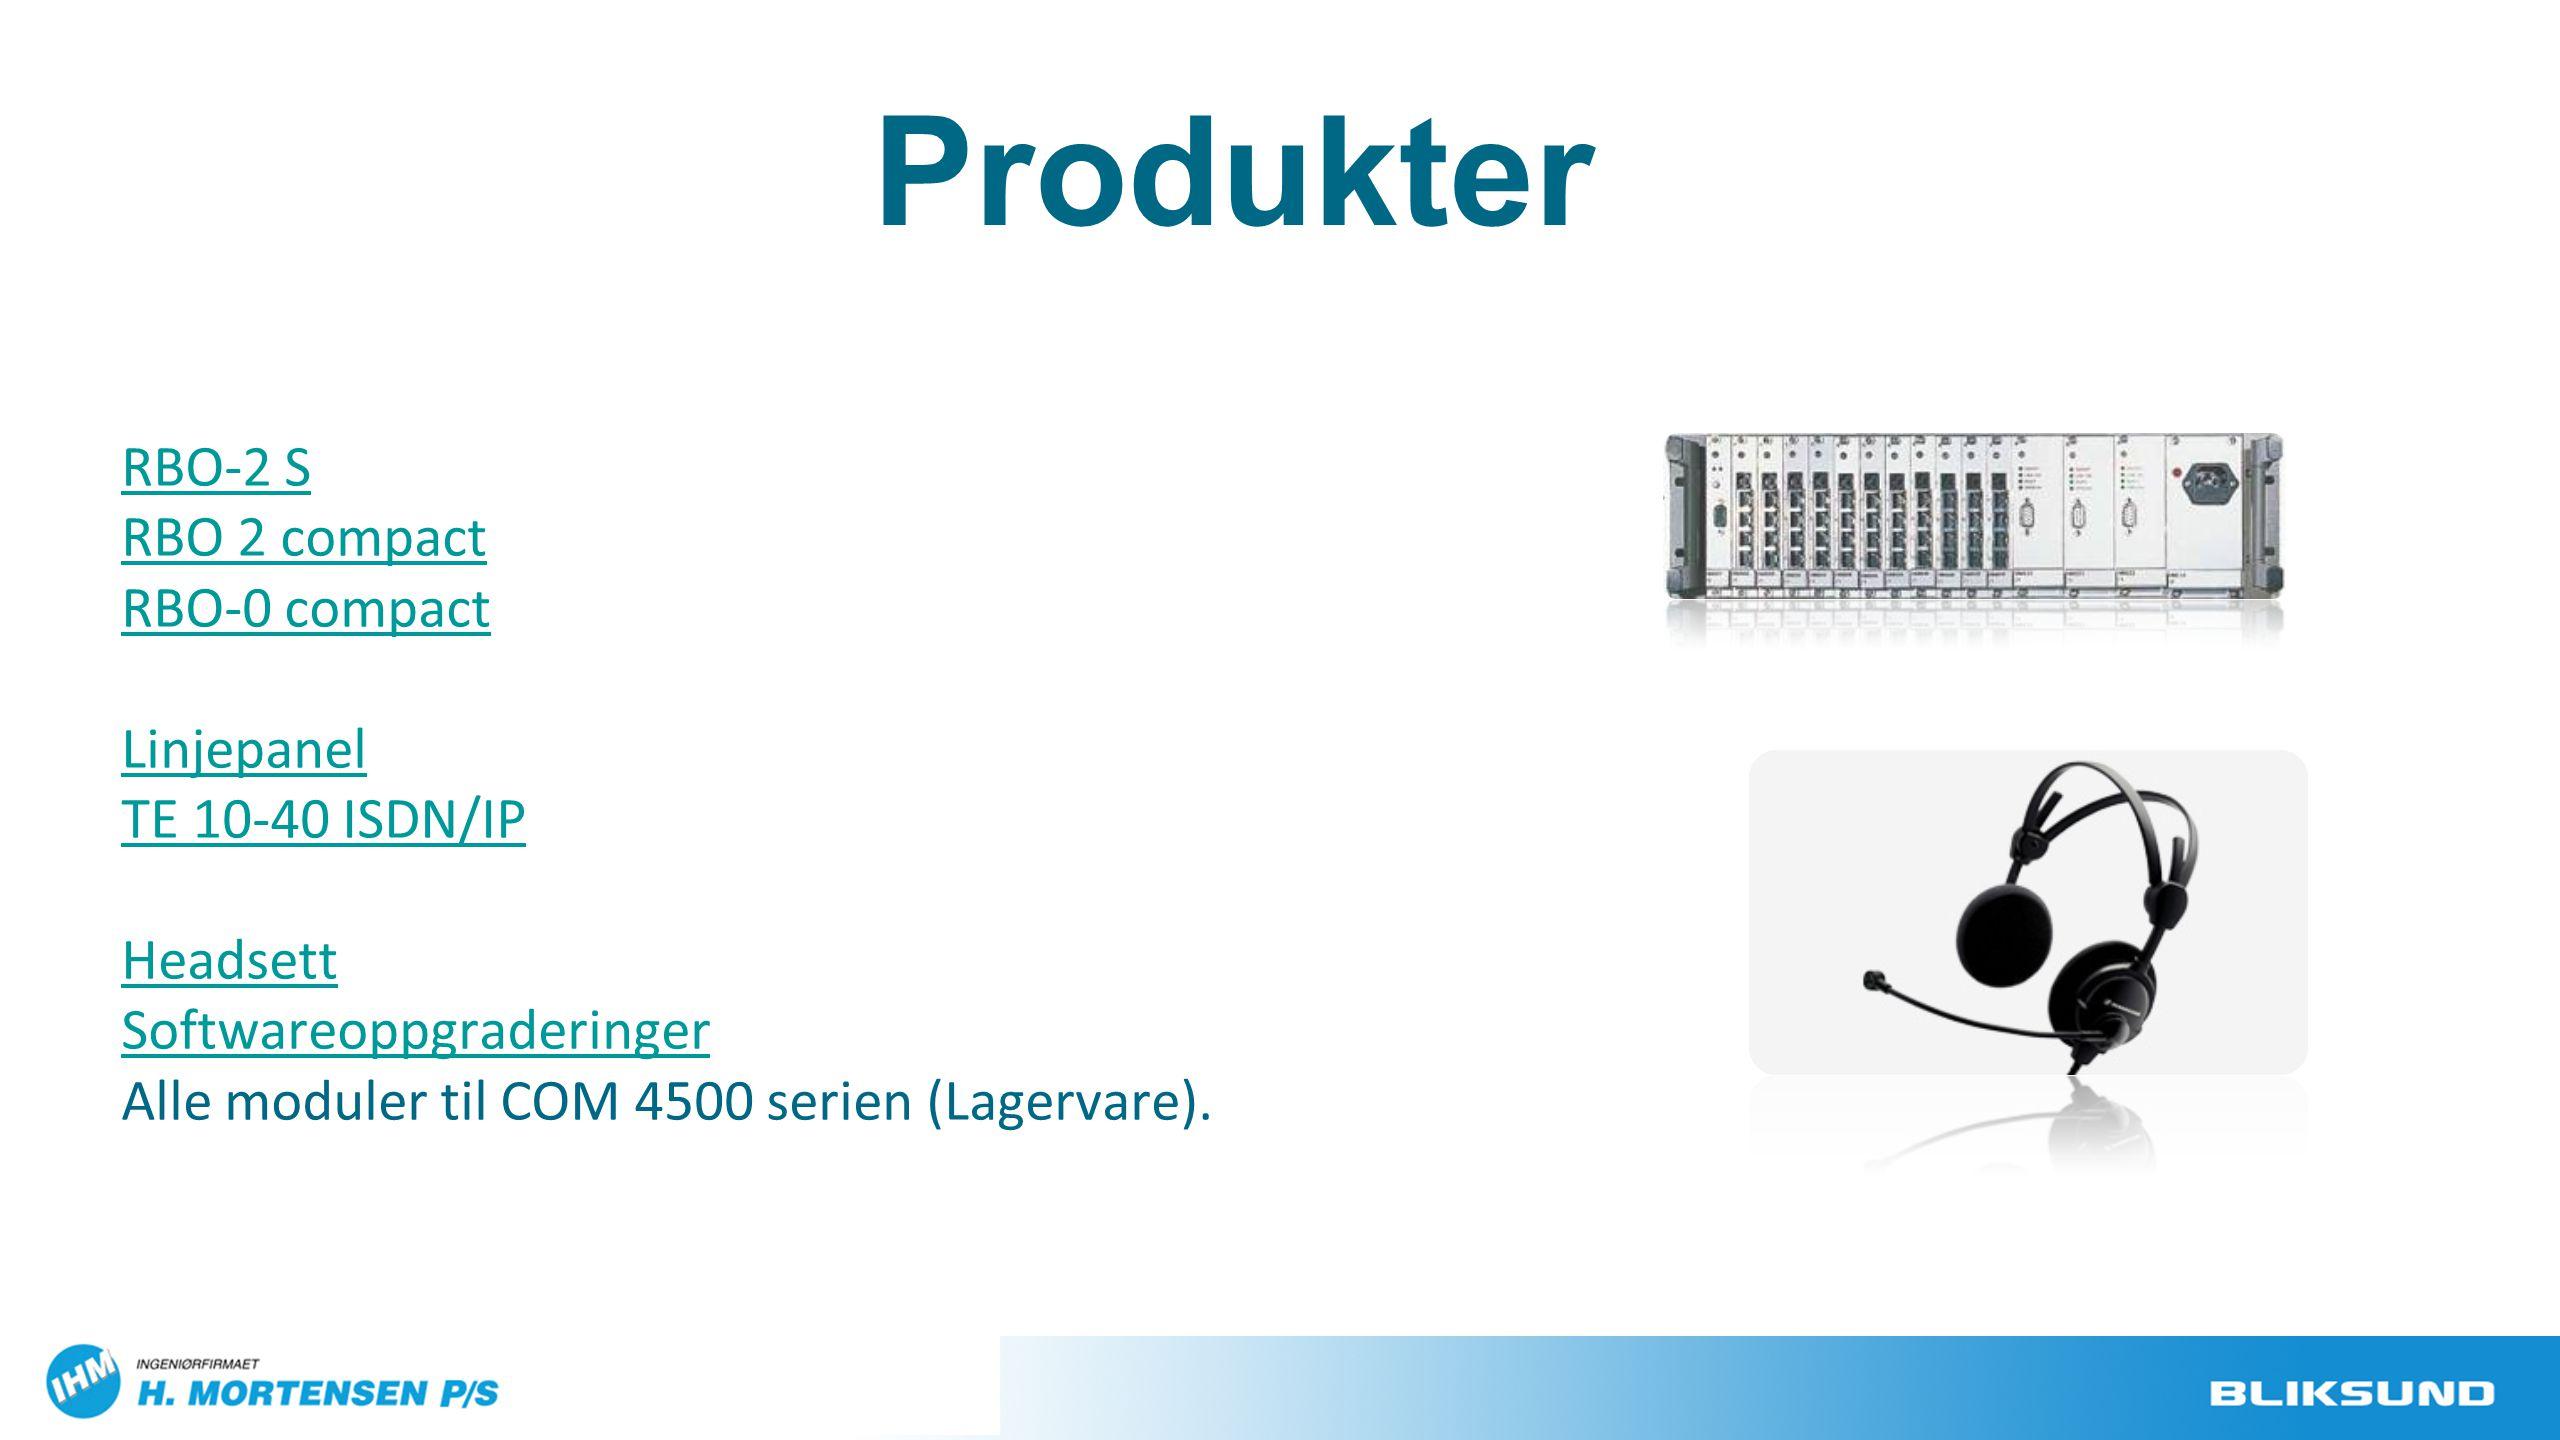 RBO-2 S RBO 2 compact RBO-0 compact Linjepanel TE 10-40 ISDN/IP Headsett Softwareoppgraderinger Alle moduler til COM 4500 serien (Lagervare). Produkte